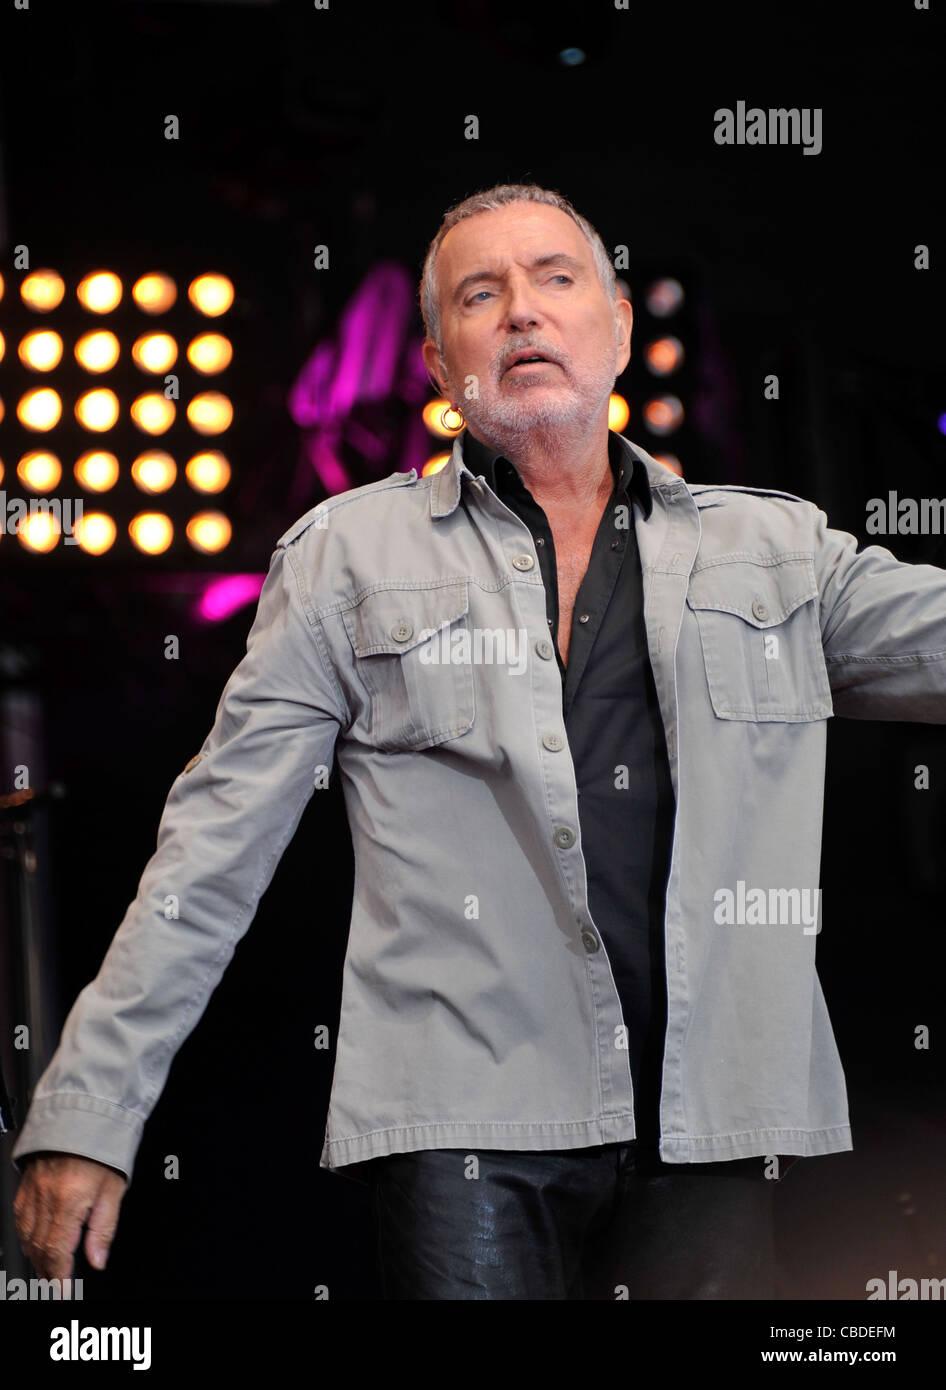 Bernard Lavilliers en concert sur la scene de la fête de l'humanité a La Courneuve France le 18/09/2011 - Stock Image